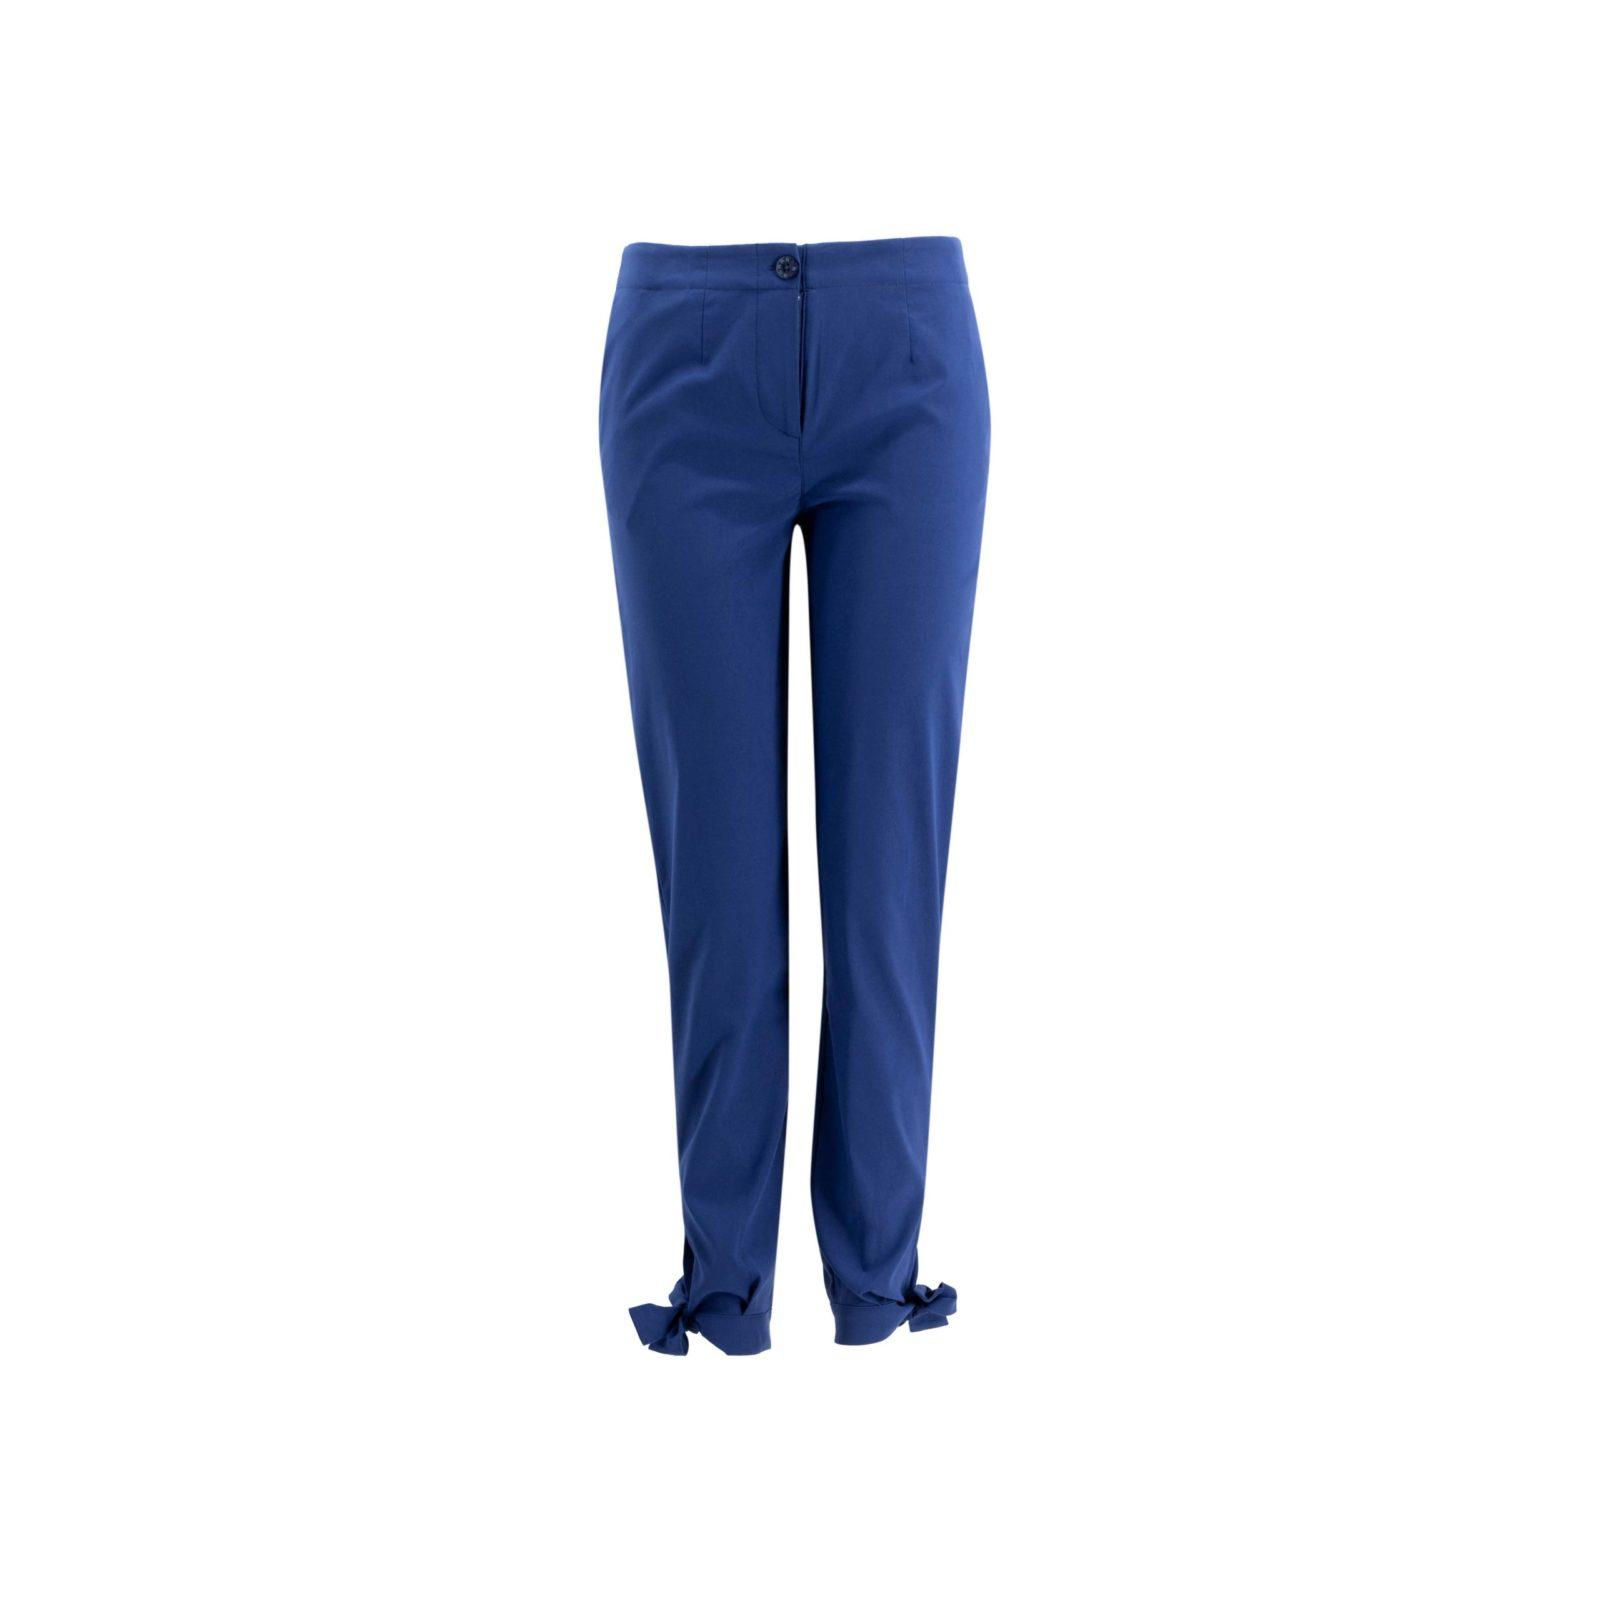 Pantalone Straight con fiocchetti Blu - vista frontale | Nicla